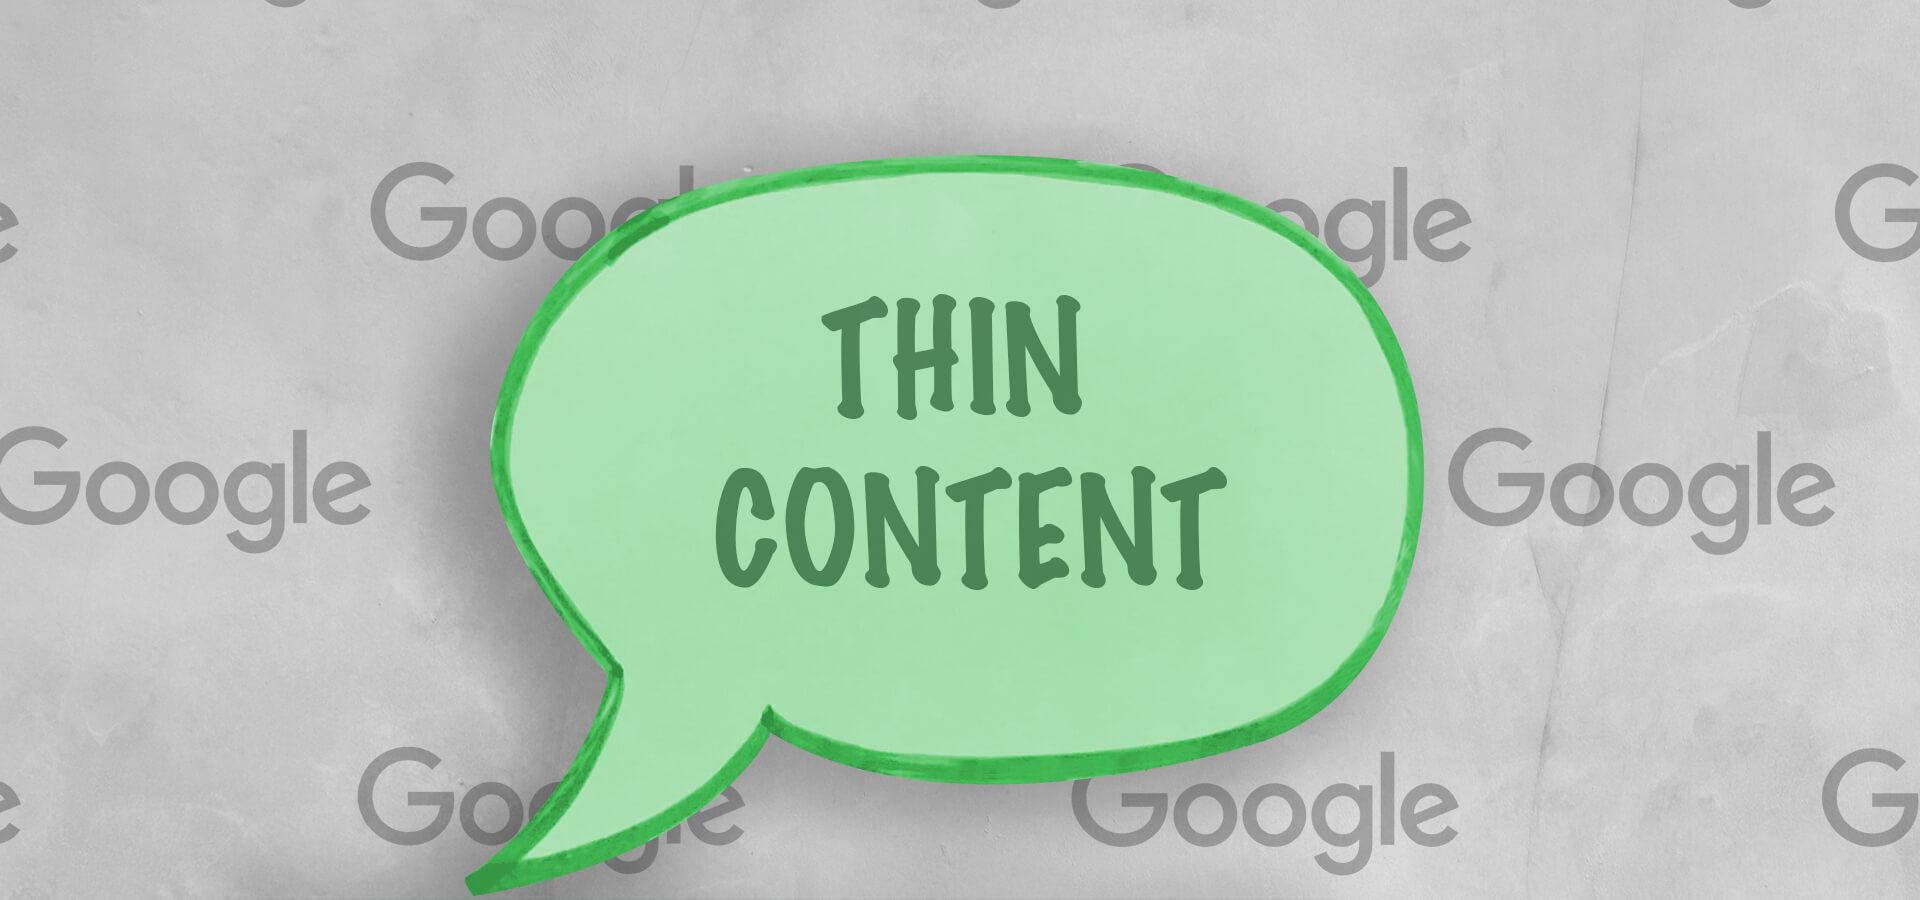 Das sagt Google zu Thin Content